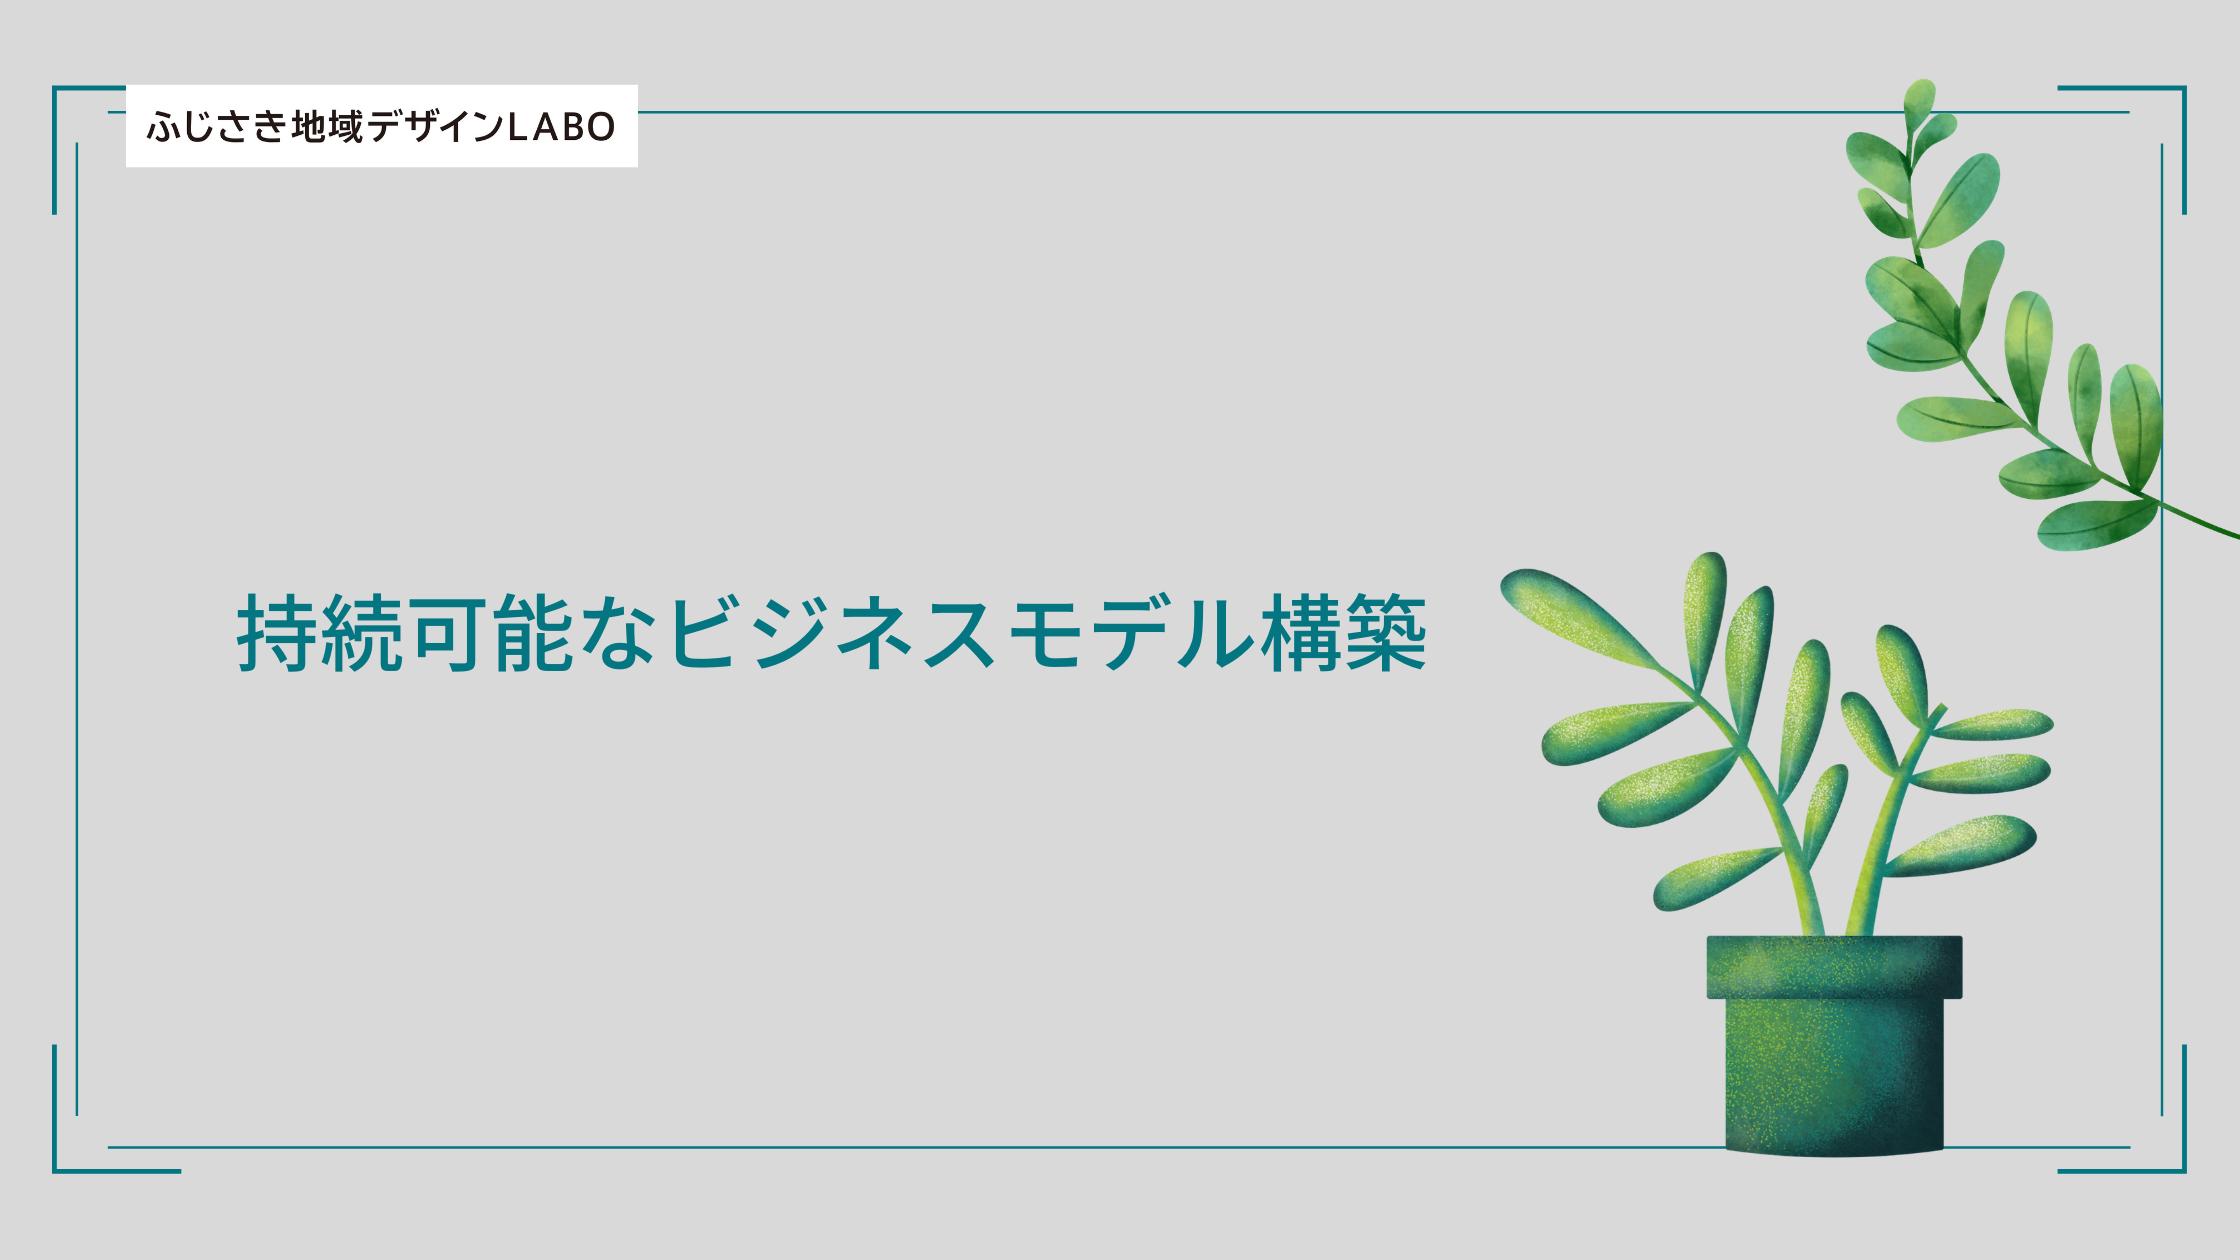 【ふじさき地域デザインLABOプロデューサー育成】持続可能なビジネスモデル構築